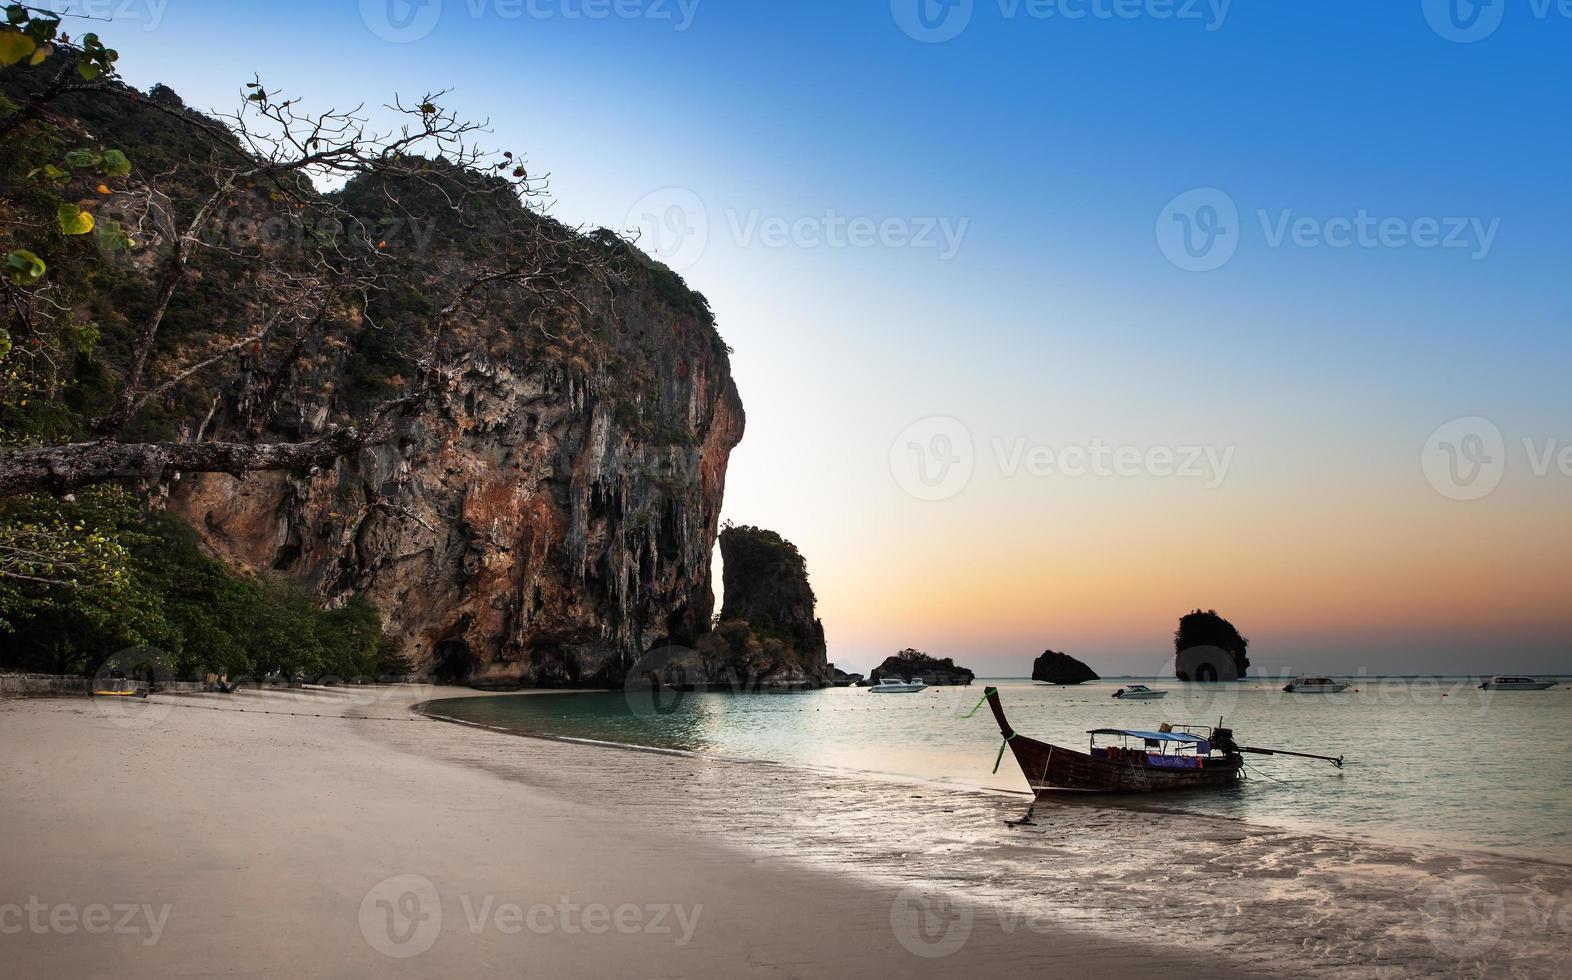 Plage d'Ao Nang, Railay, province de Krabi, meilleure plage de Thaïlande photo